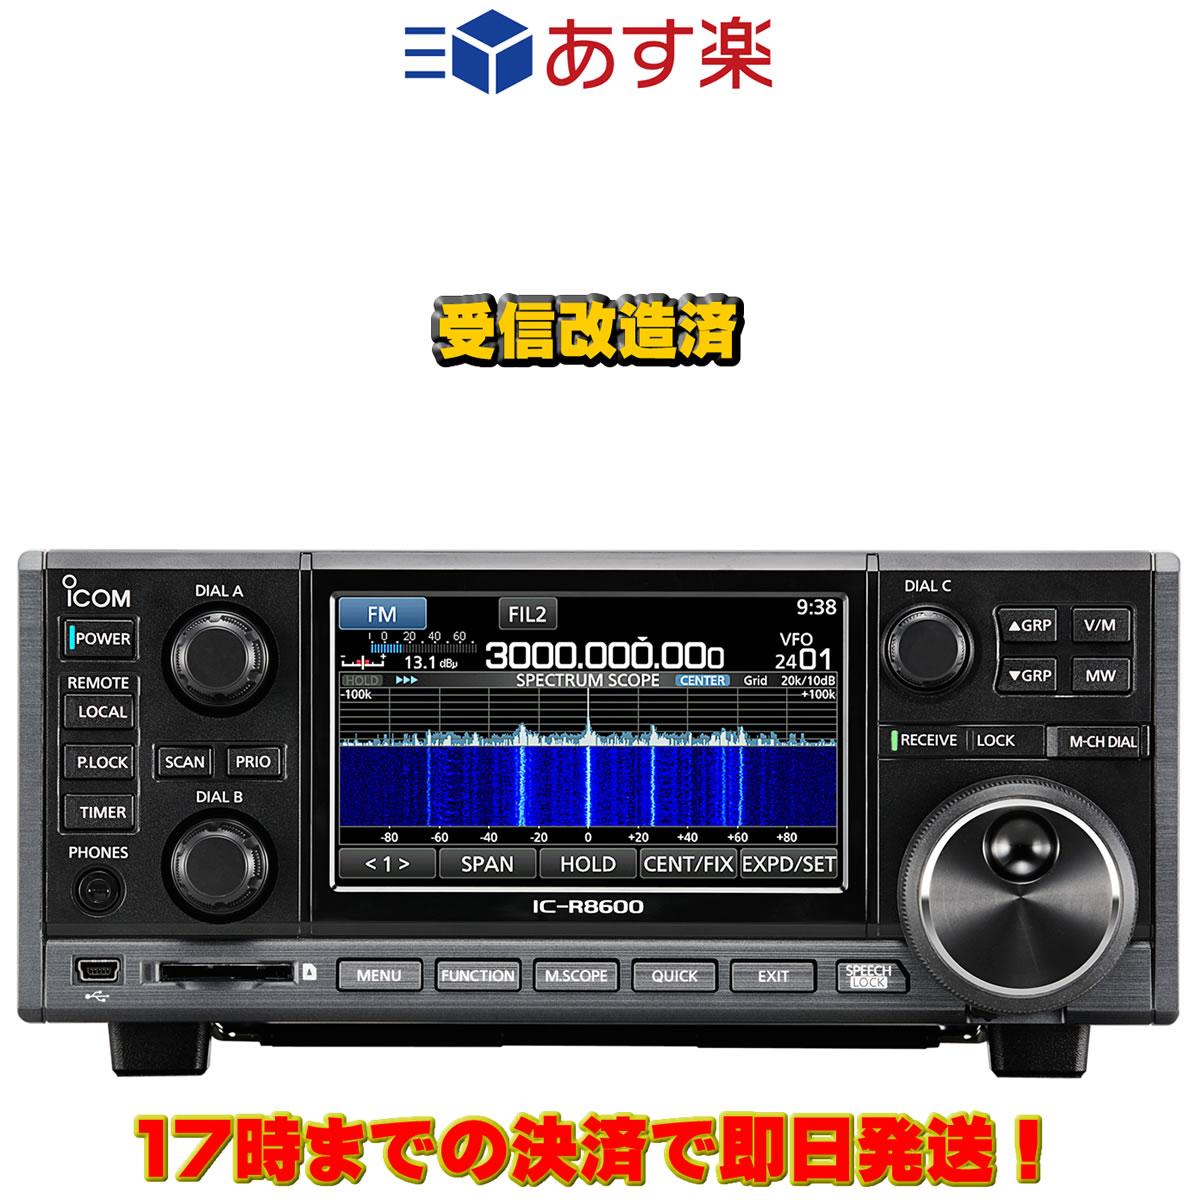 IC-R8600 受信改造済 アイコム コミュニケーションレシーバー 10kHz~3GHz